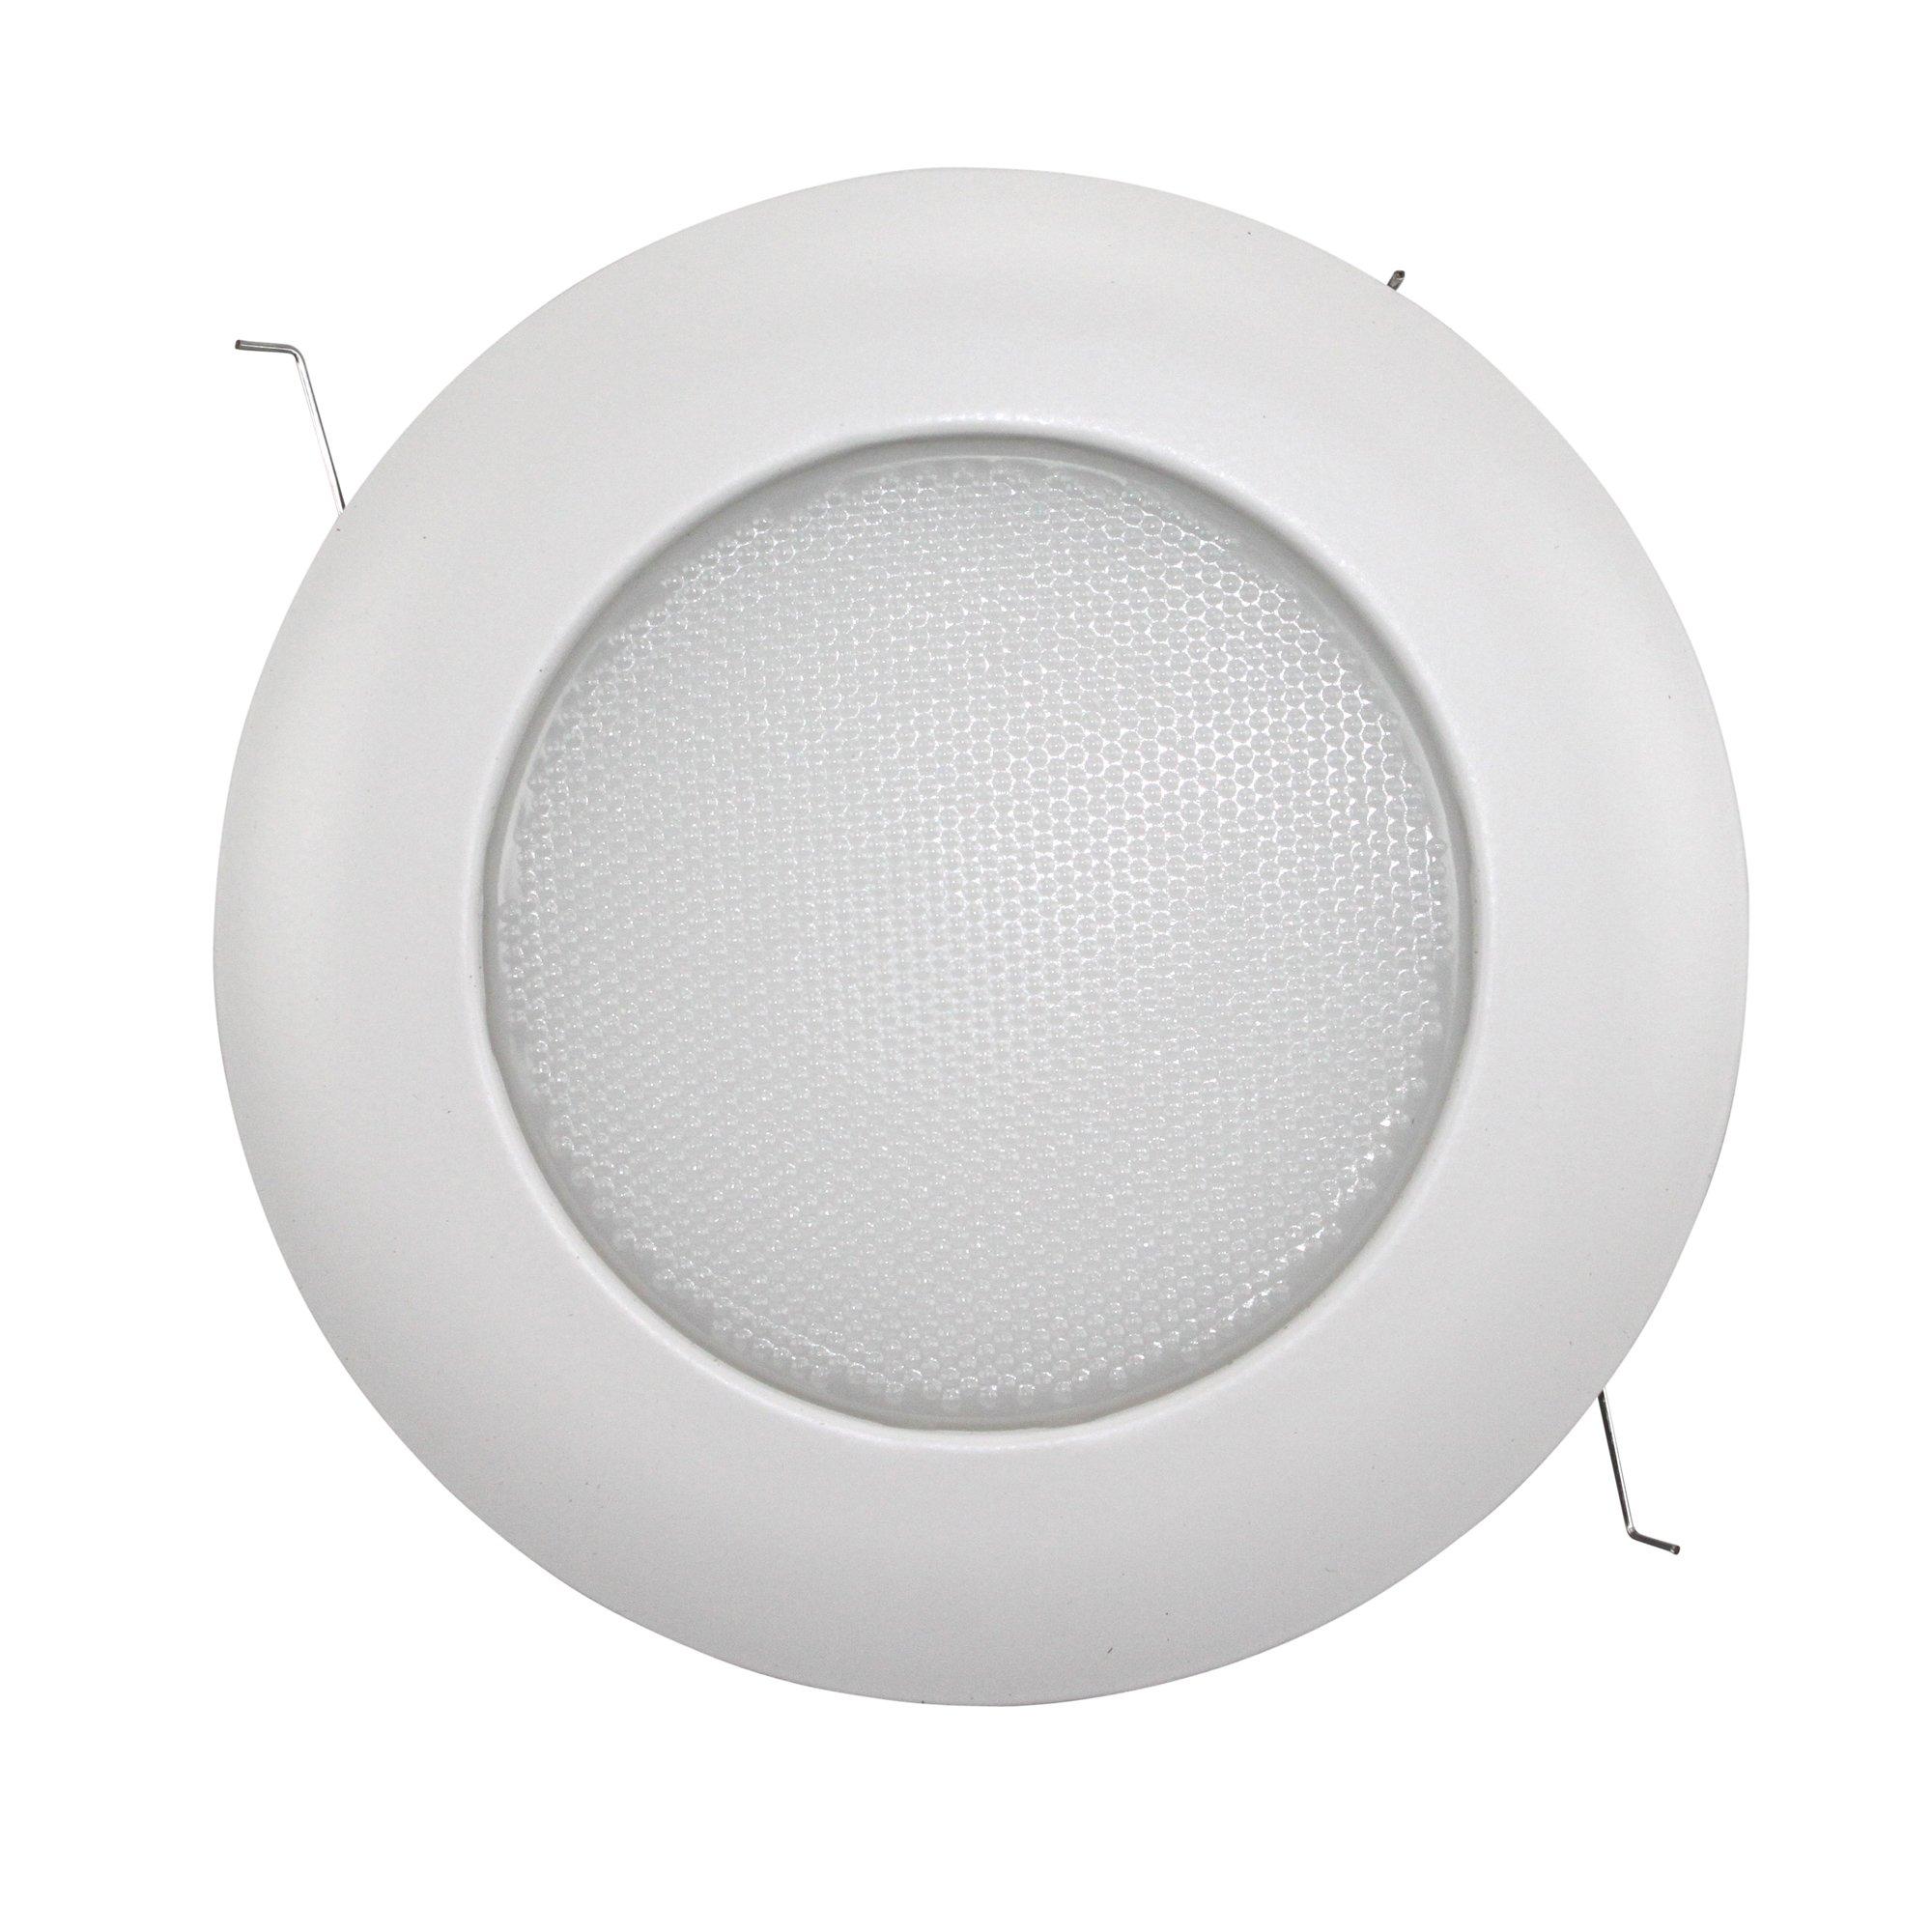 Capri Lighting SH12P Lensed 6'' Shower Light Recessed Ceiling Waterproof Trim, White